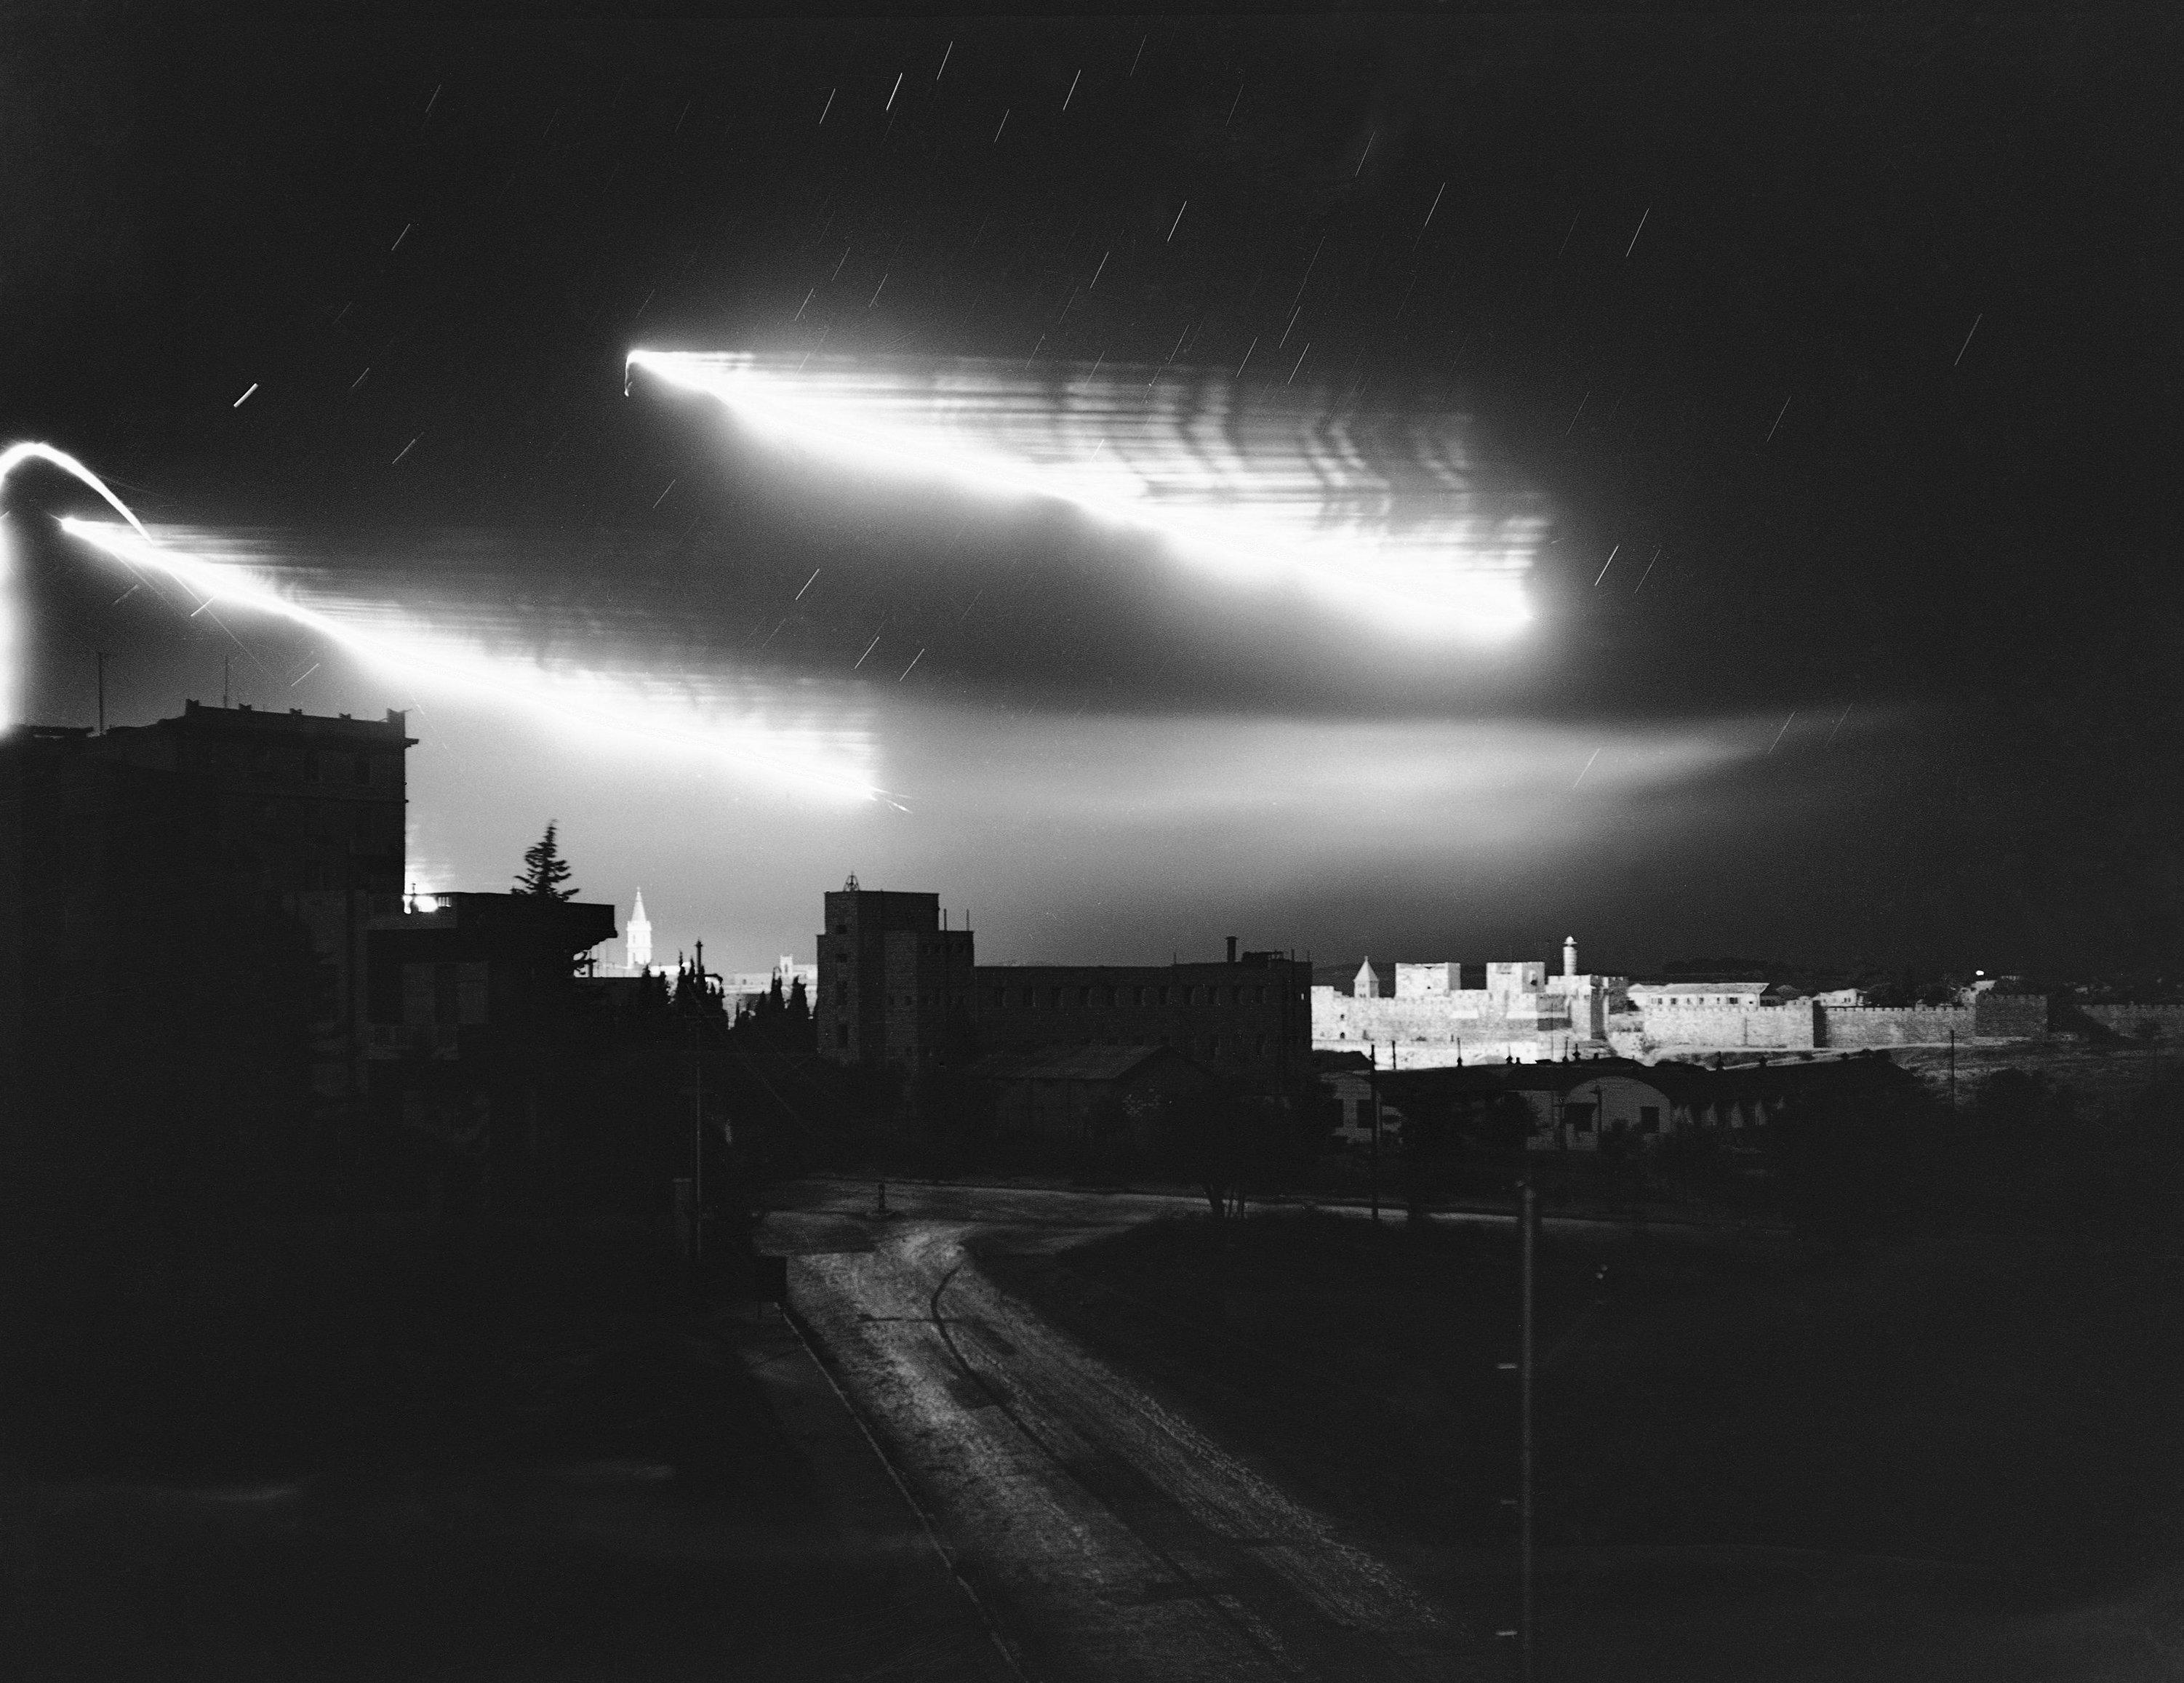 Вспышки от разрывов снарядов освещают небо над башней Давида и стенами старого города 14 июля. Это был один из самых тяжелых боев в долгой борьбе за Святой город